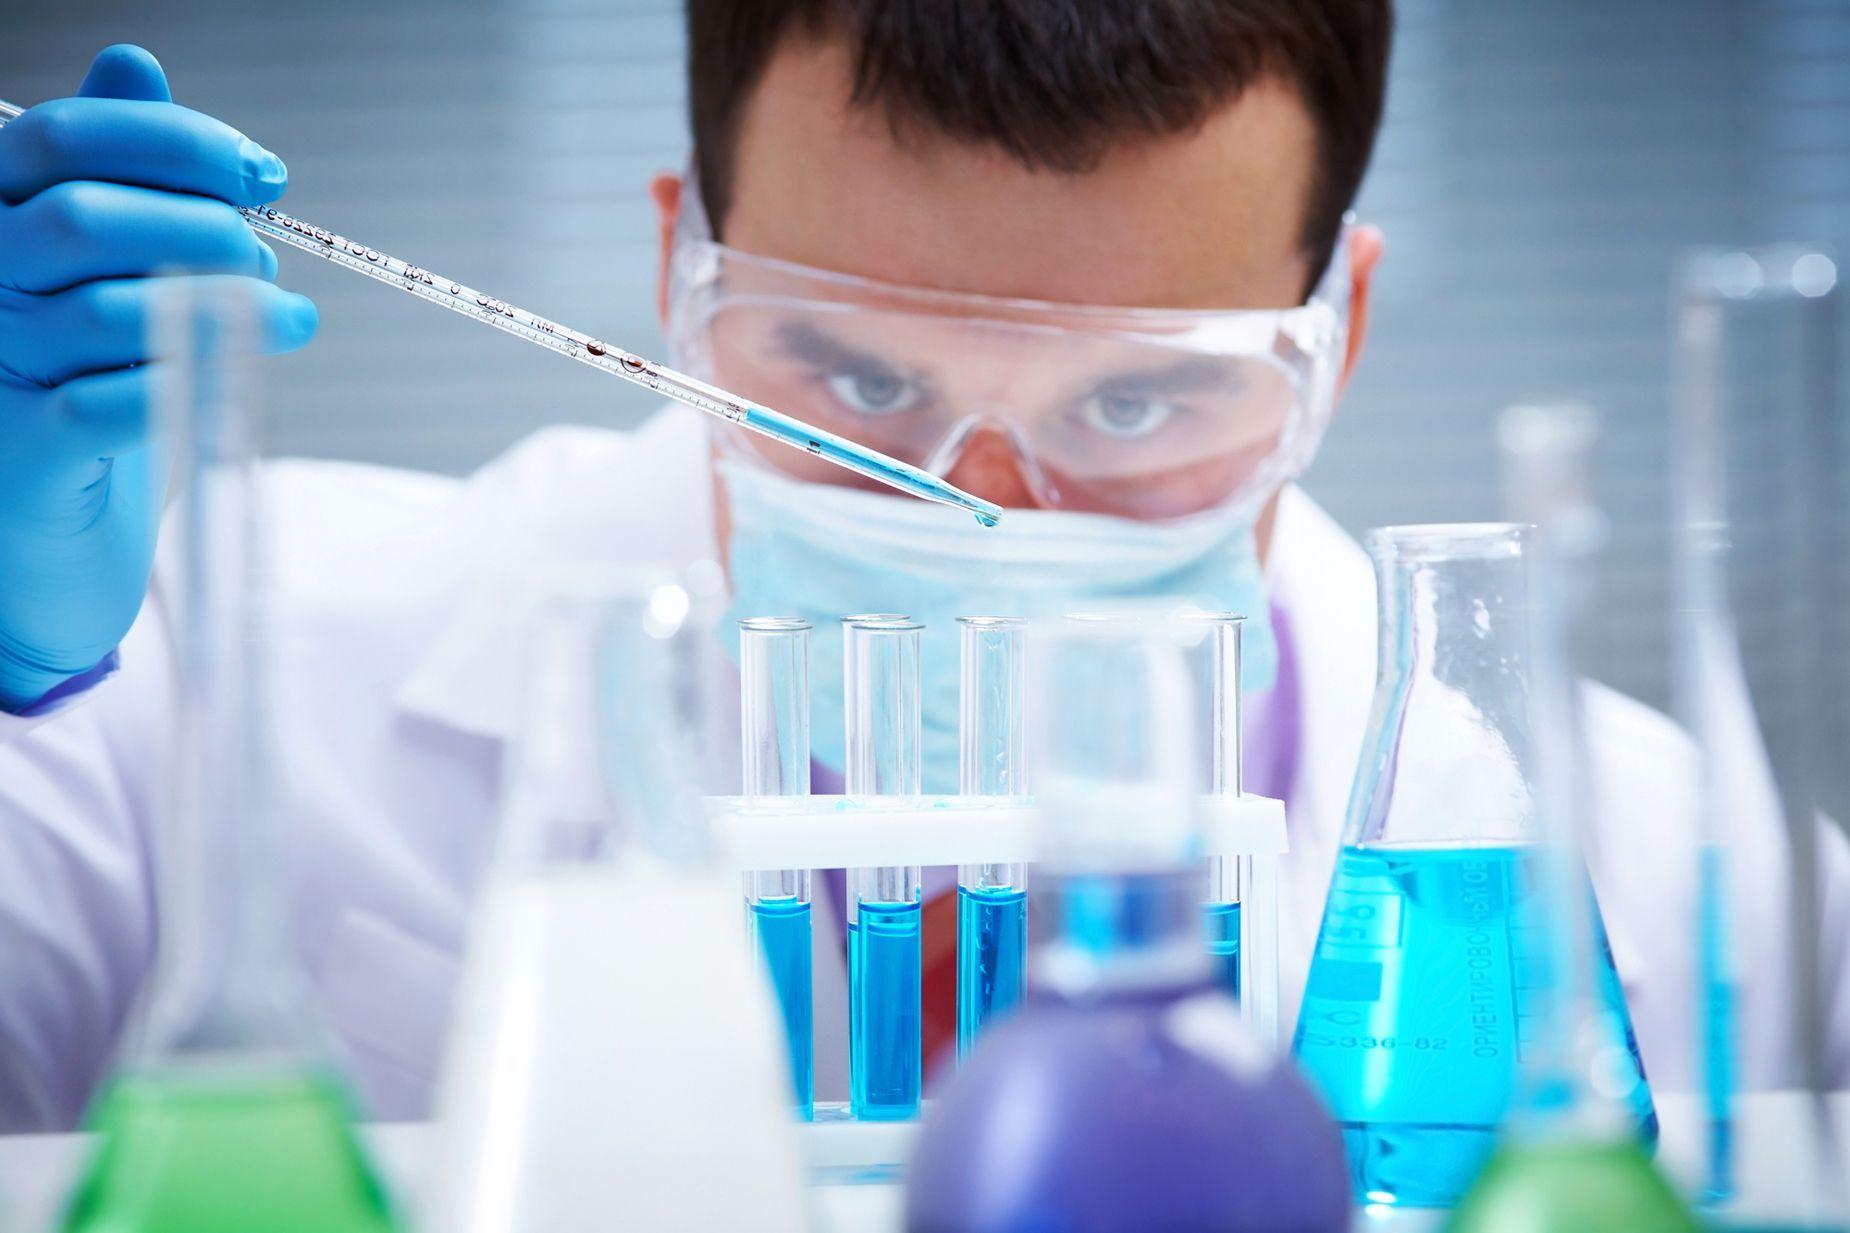 Farmaci contro l'eiaculazione precoce: arriva uno spray